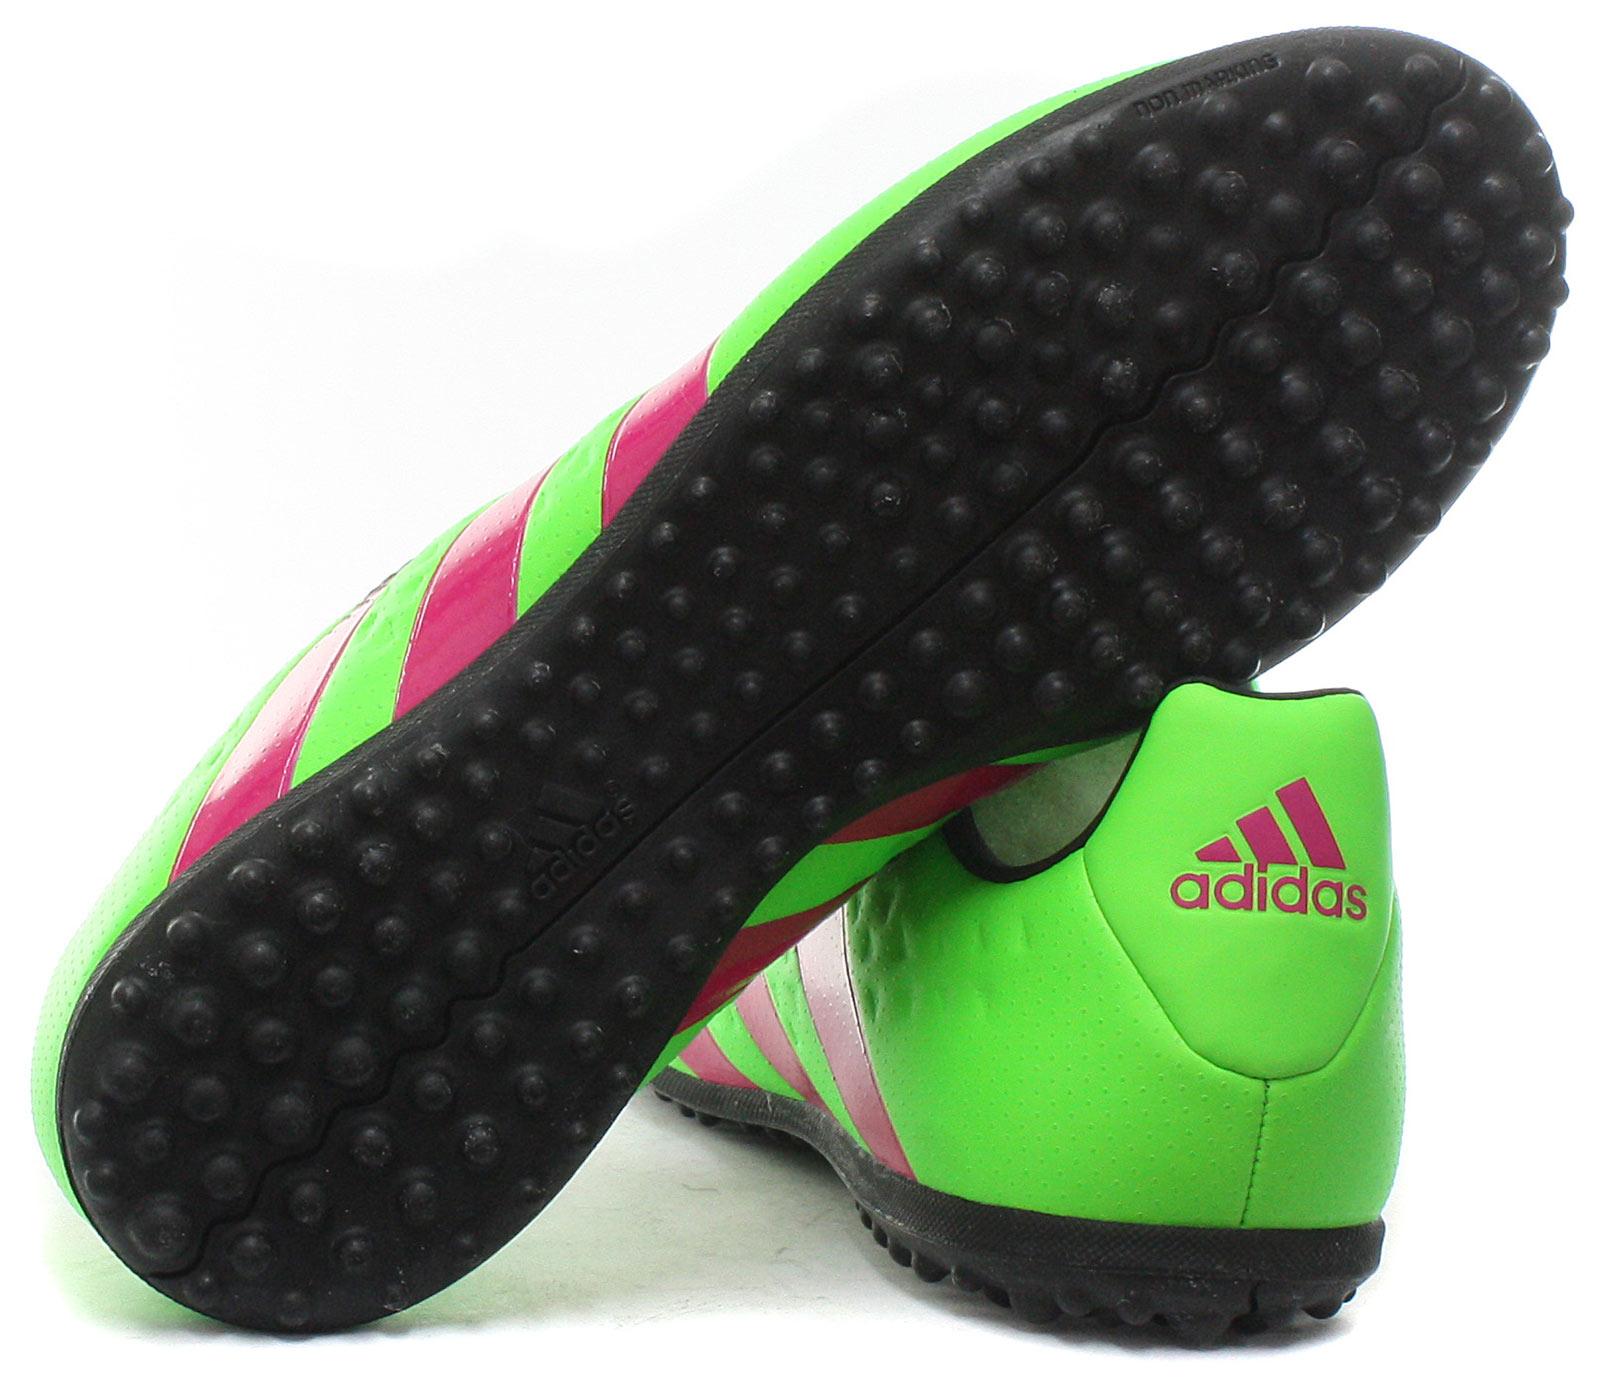 Nuevo-Adidas-Ace-16-3-TF-Junior-Cesped-Botas-de-futbol-Tacos-Todas-Las-Tallas